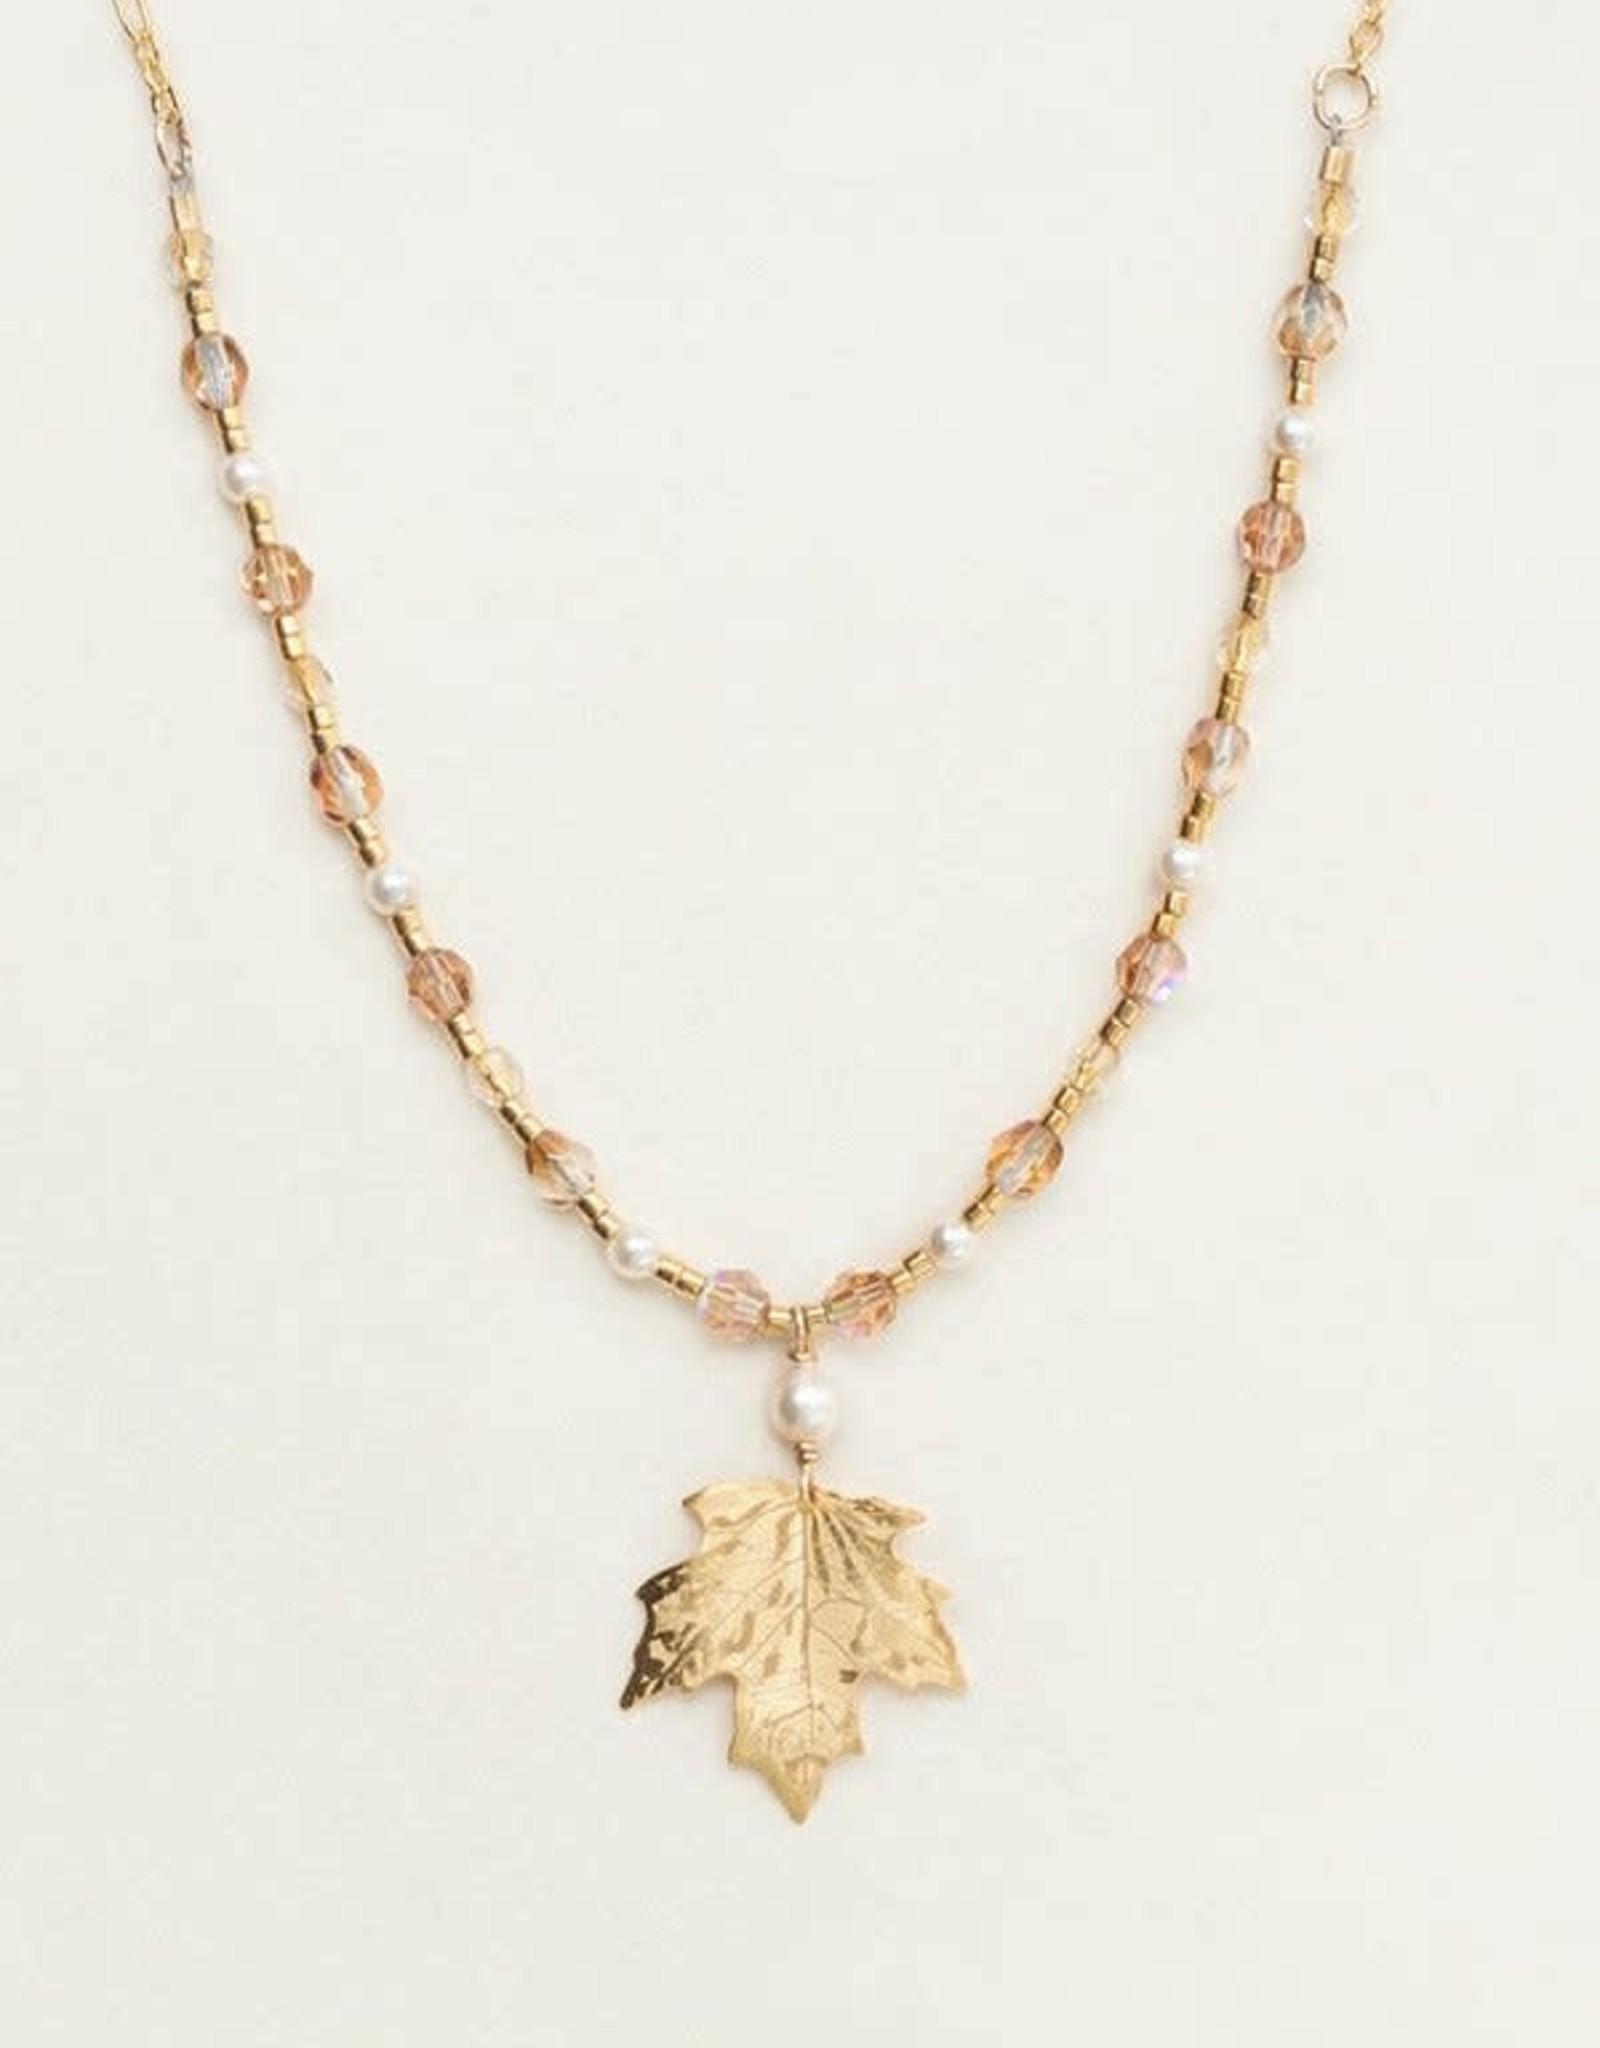 Holly Yashi Gold Sugar Maple Beaded Necklace